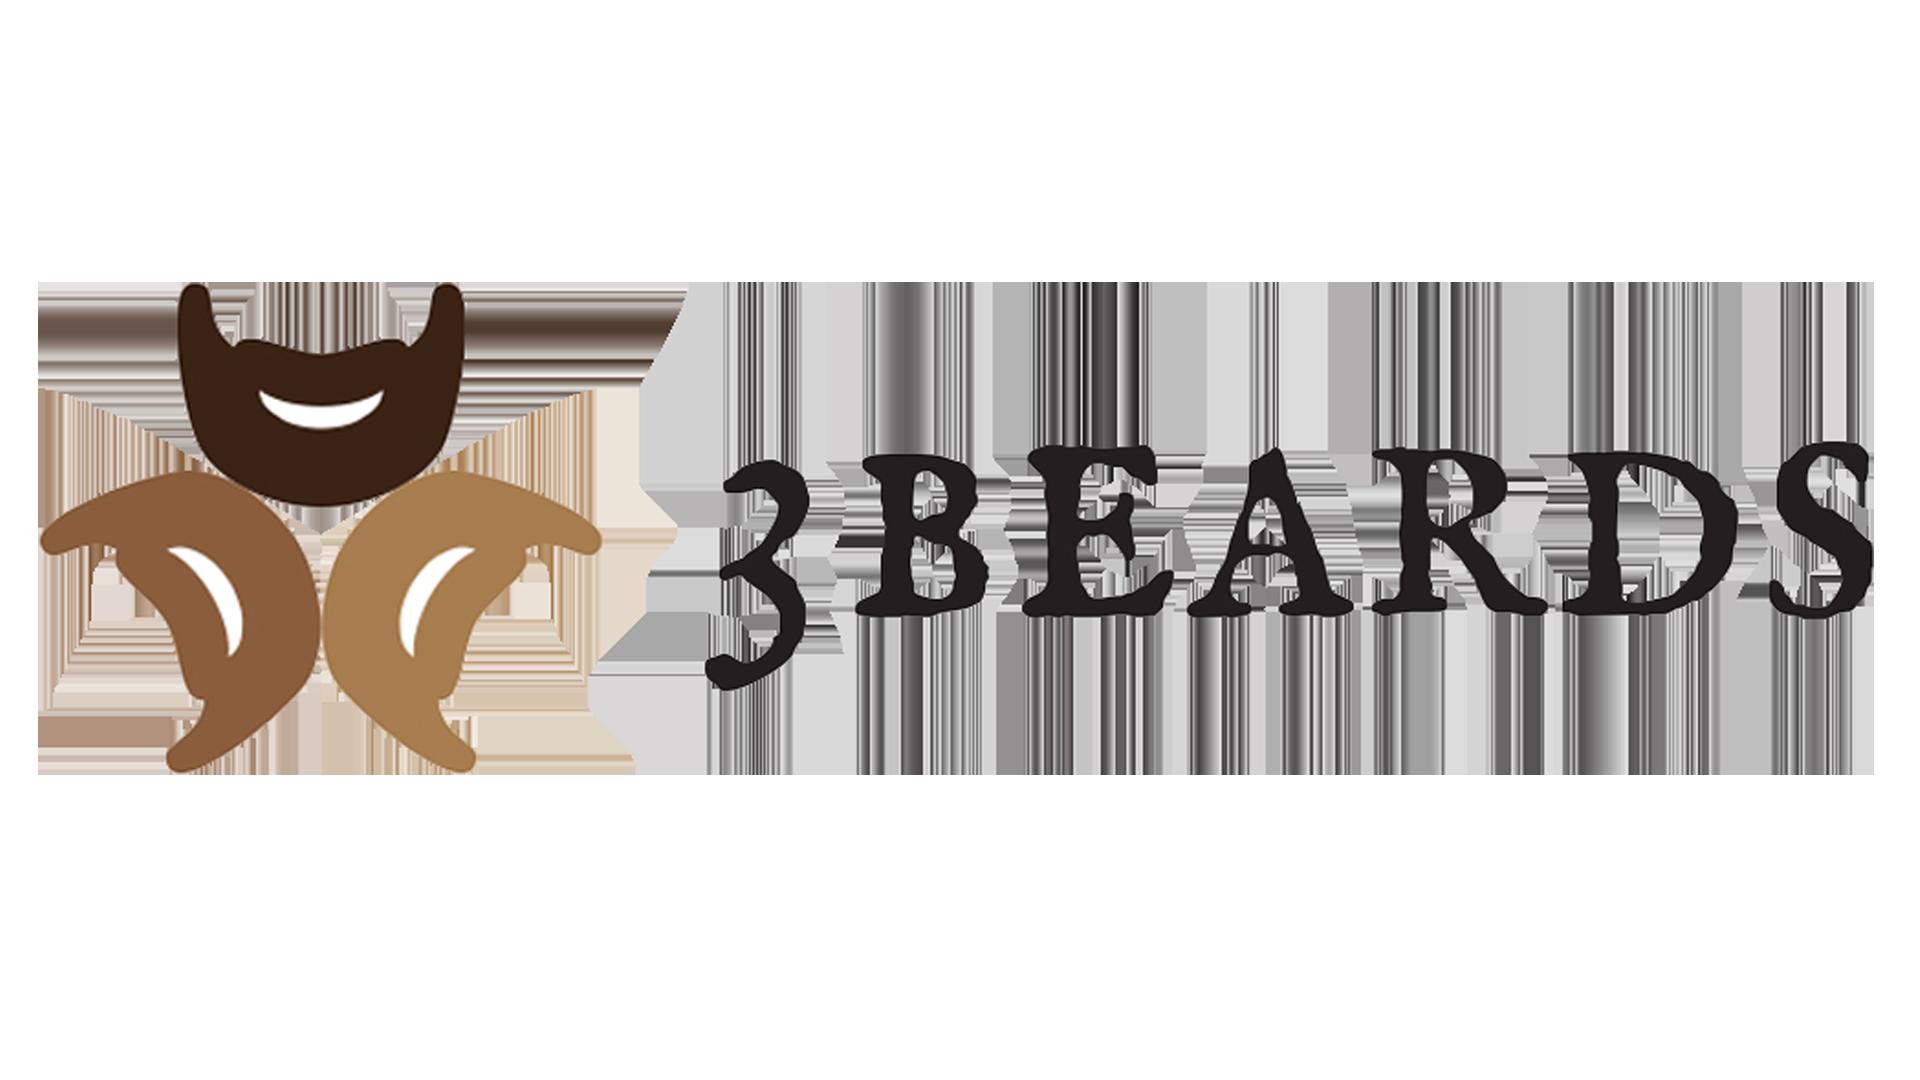 3beards.png